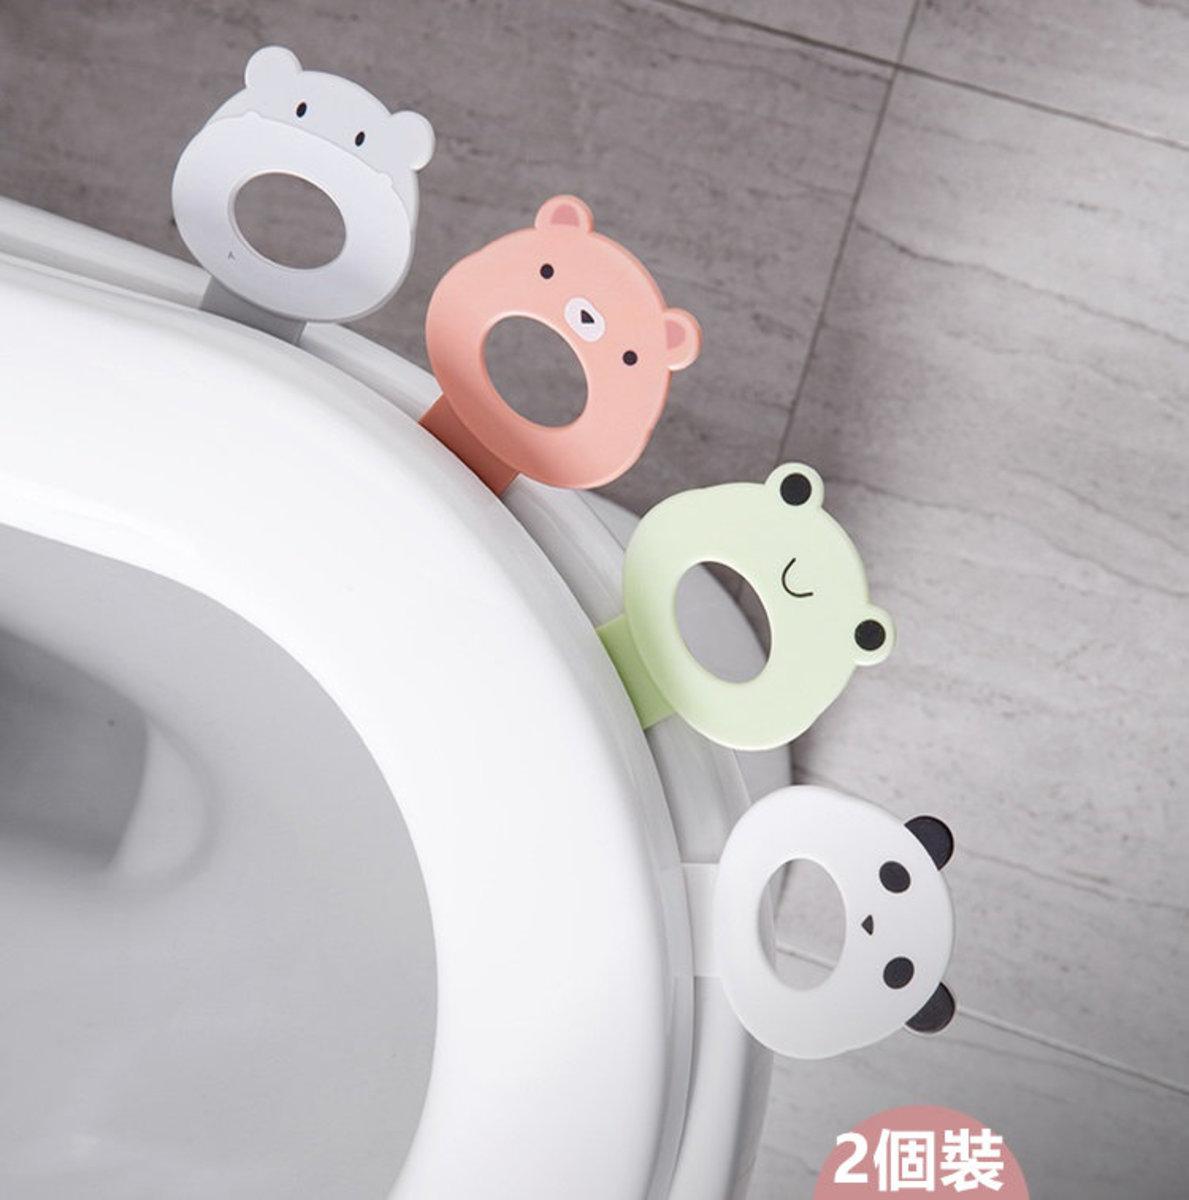 卡通款 廁所馬桶衛生揭蓋把手(2件裝)